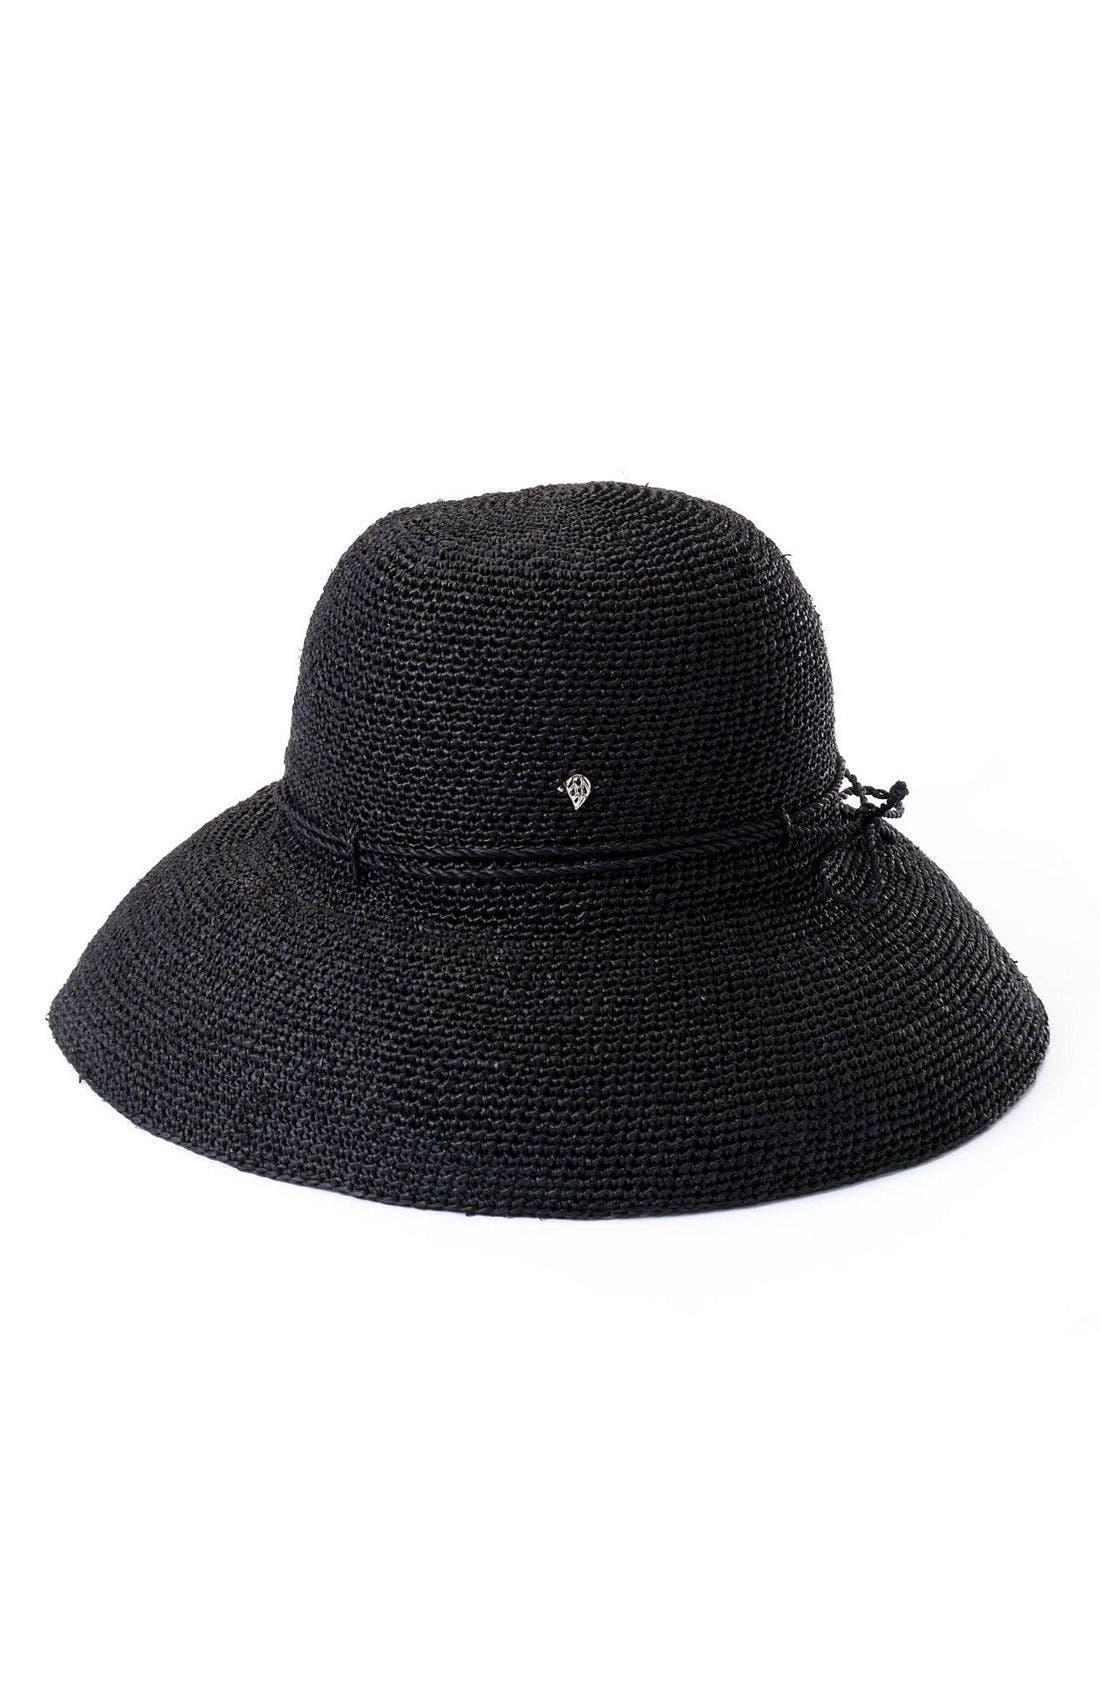 Hats for Women  09e1fecee965